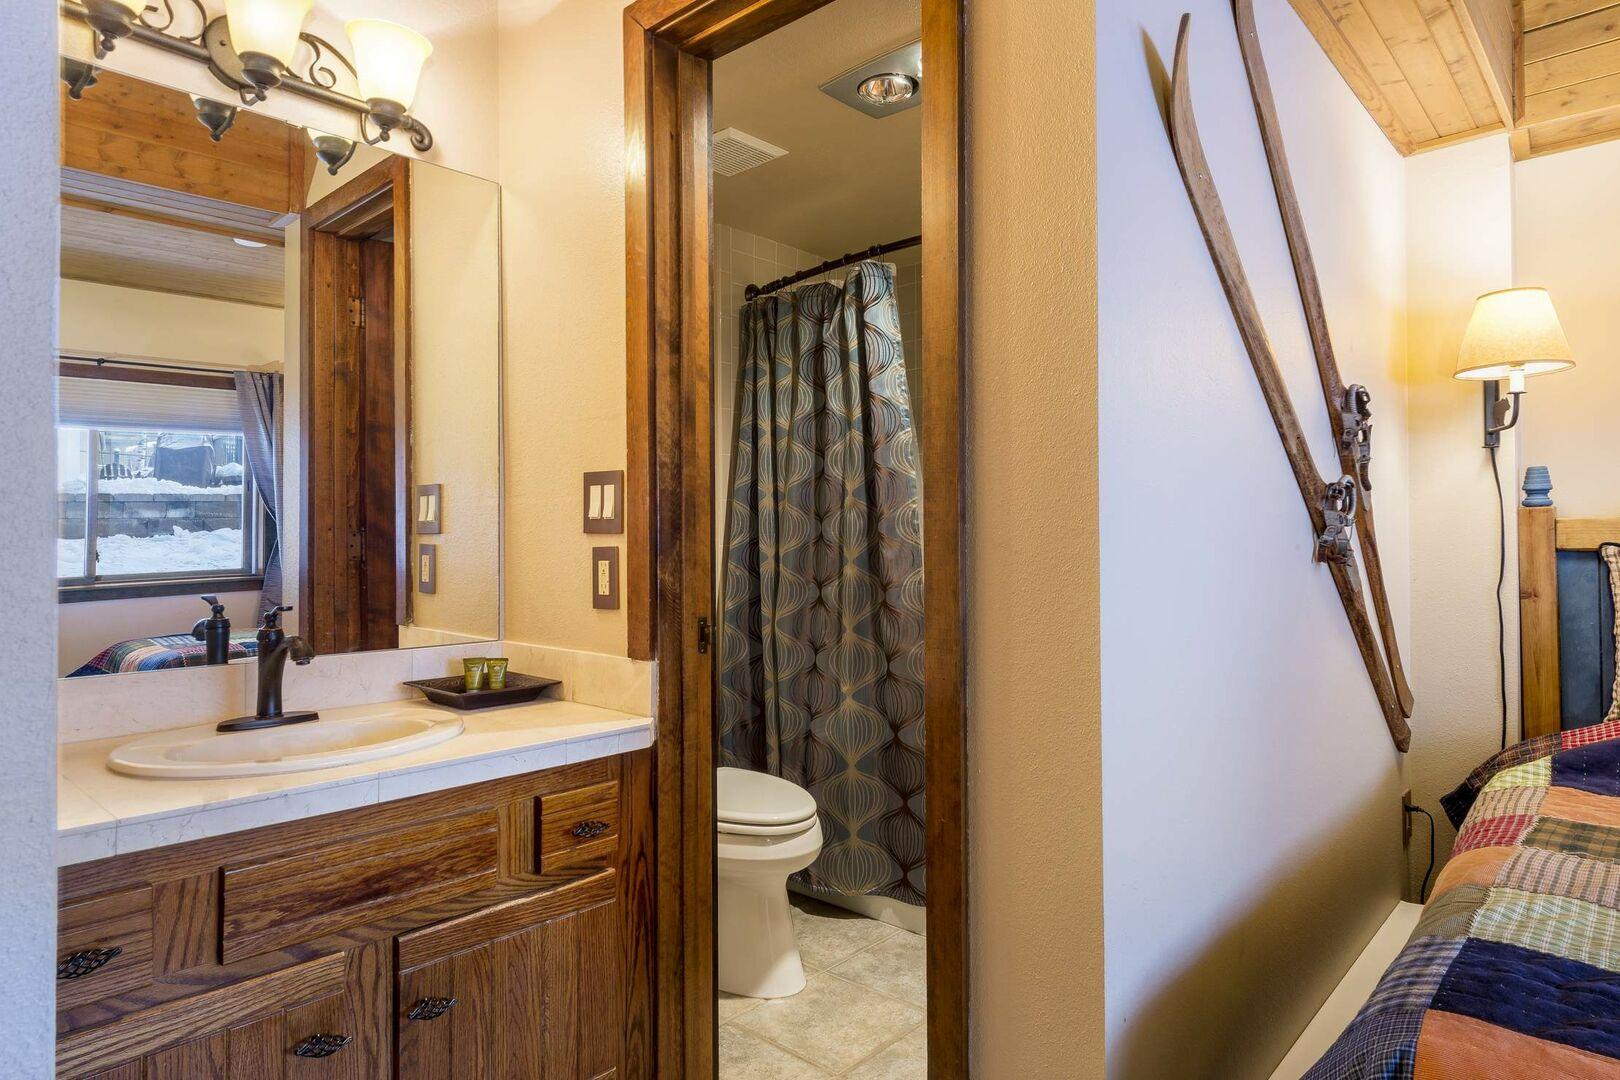 Twin bedroom with an en suite bathroom